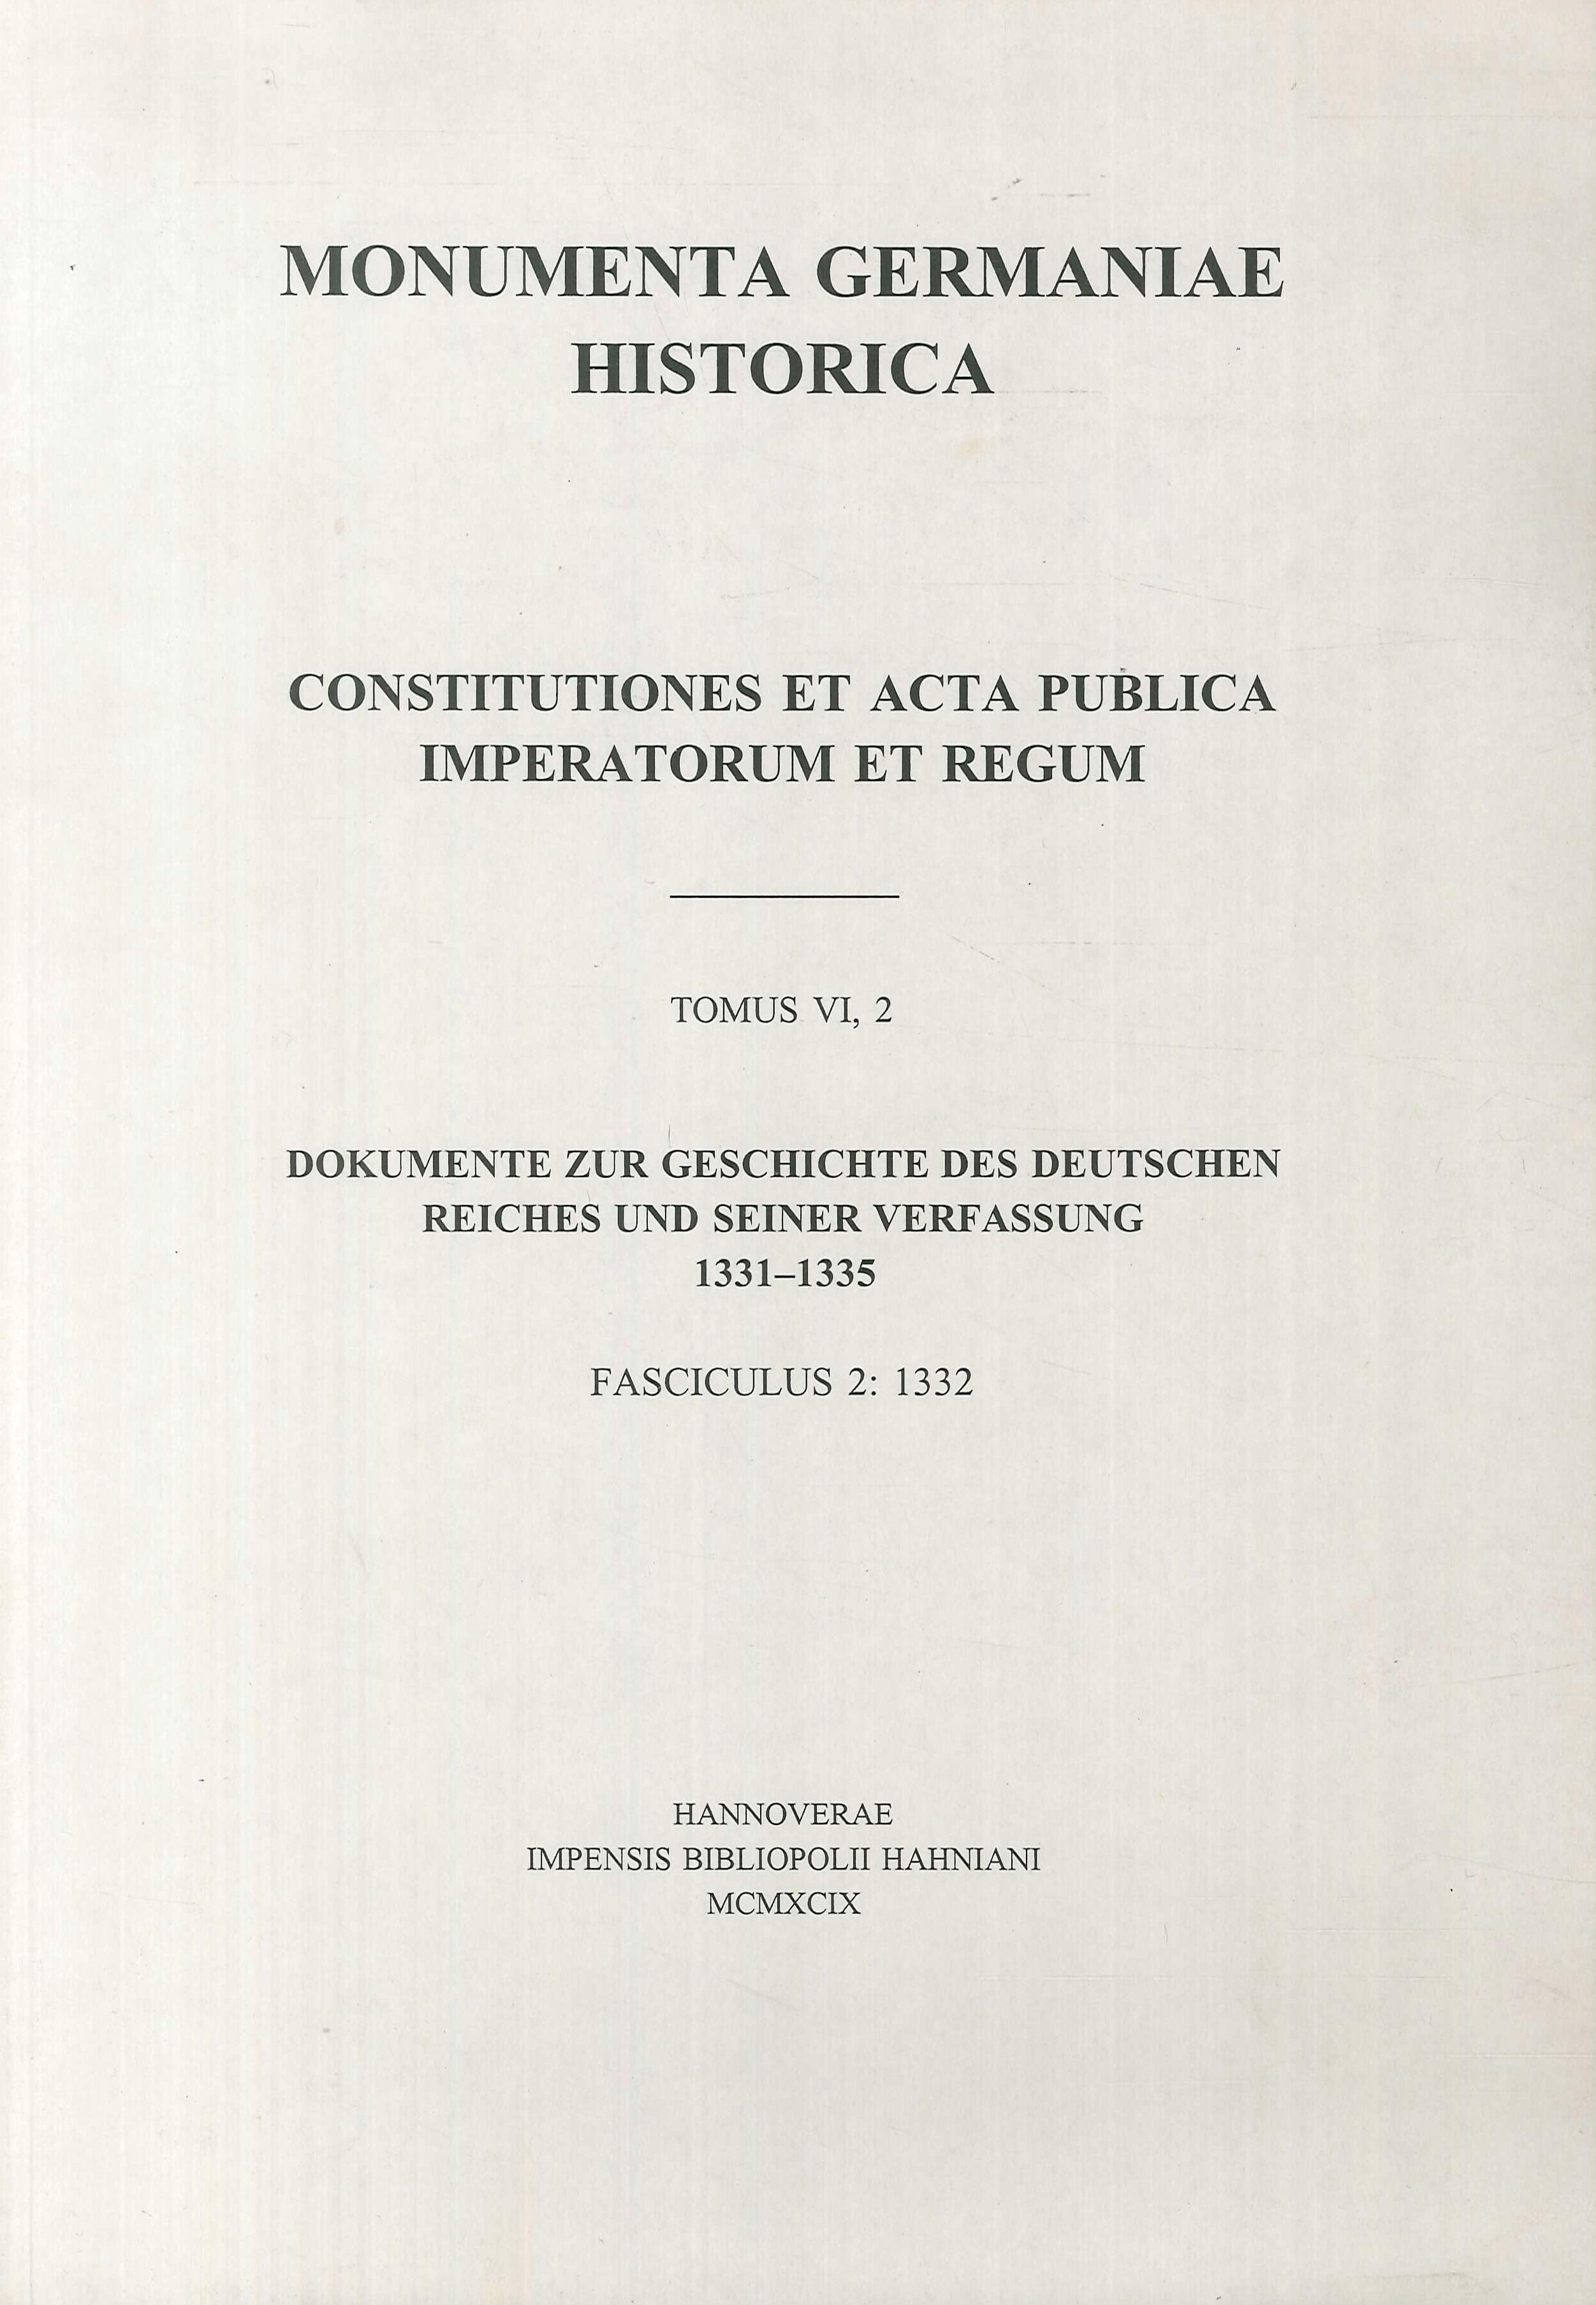 Monumenta Germaniae Historica. Constitutiones et acta publica imperatorum et regum. Tomus VI, 2. Dokumente zur geschichte des deutschen reiches und seiner verfassung 1331-1335. Fasciculus 2: 1332.